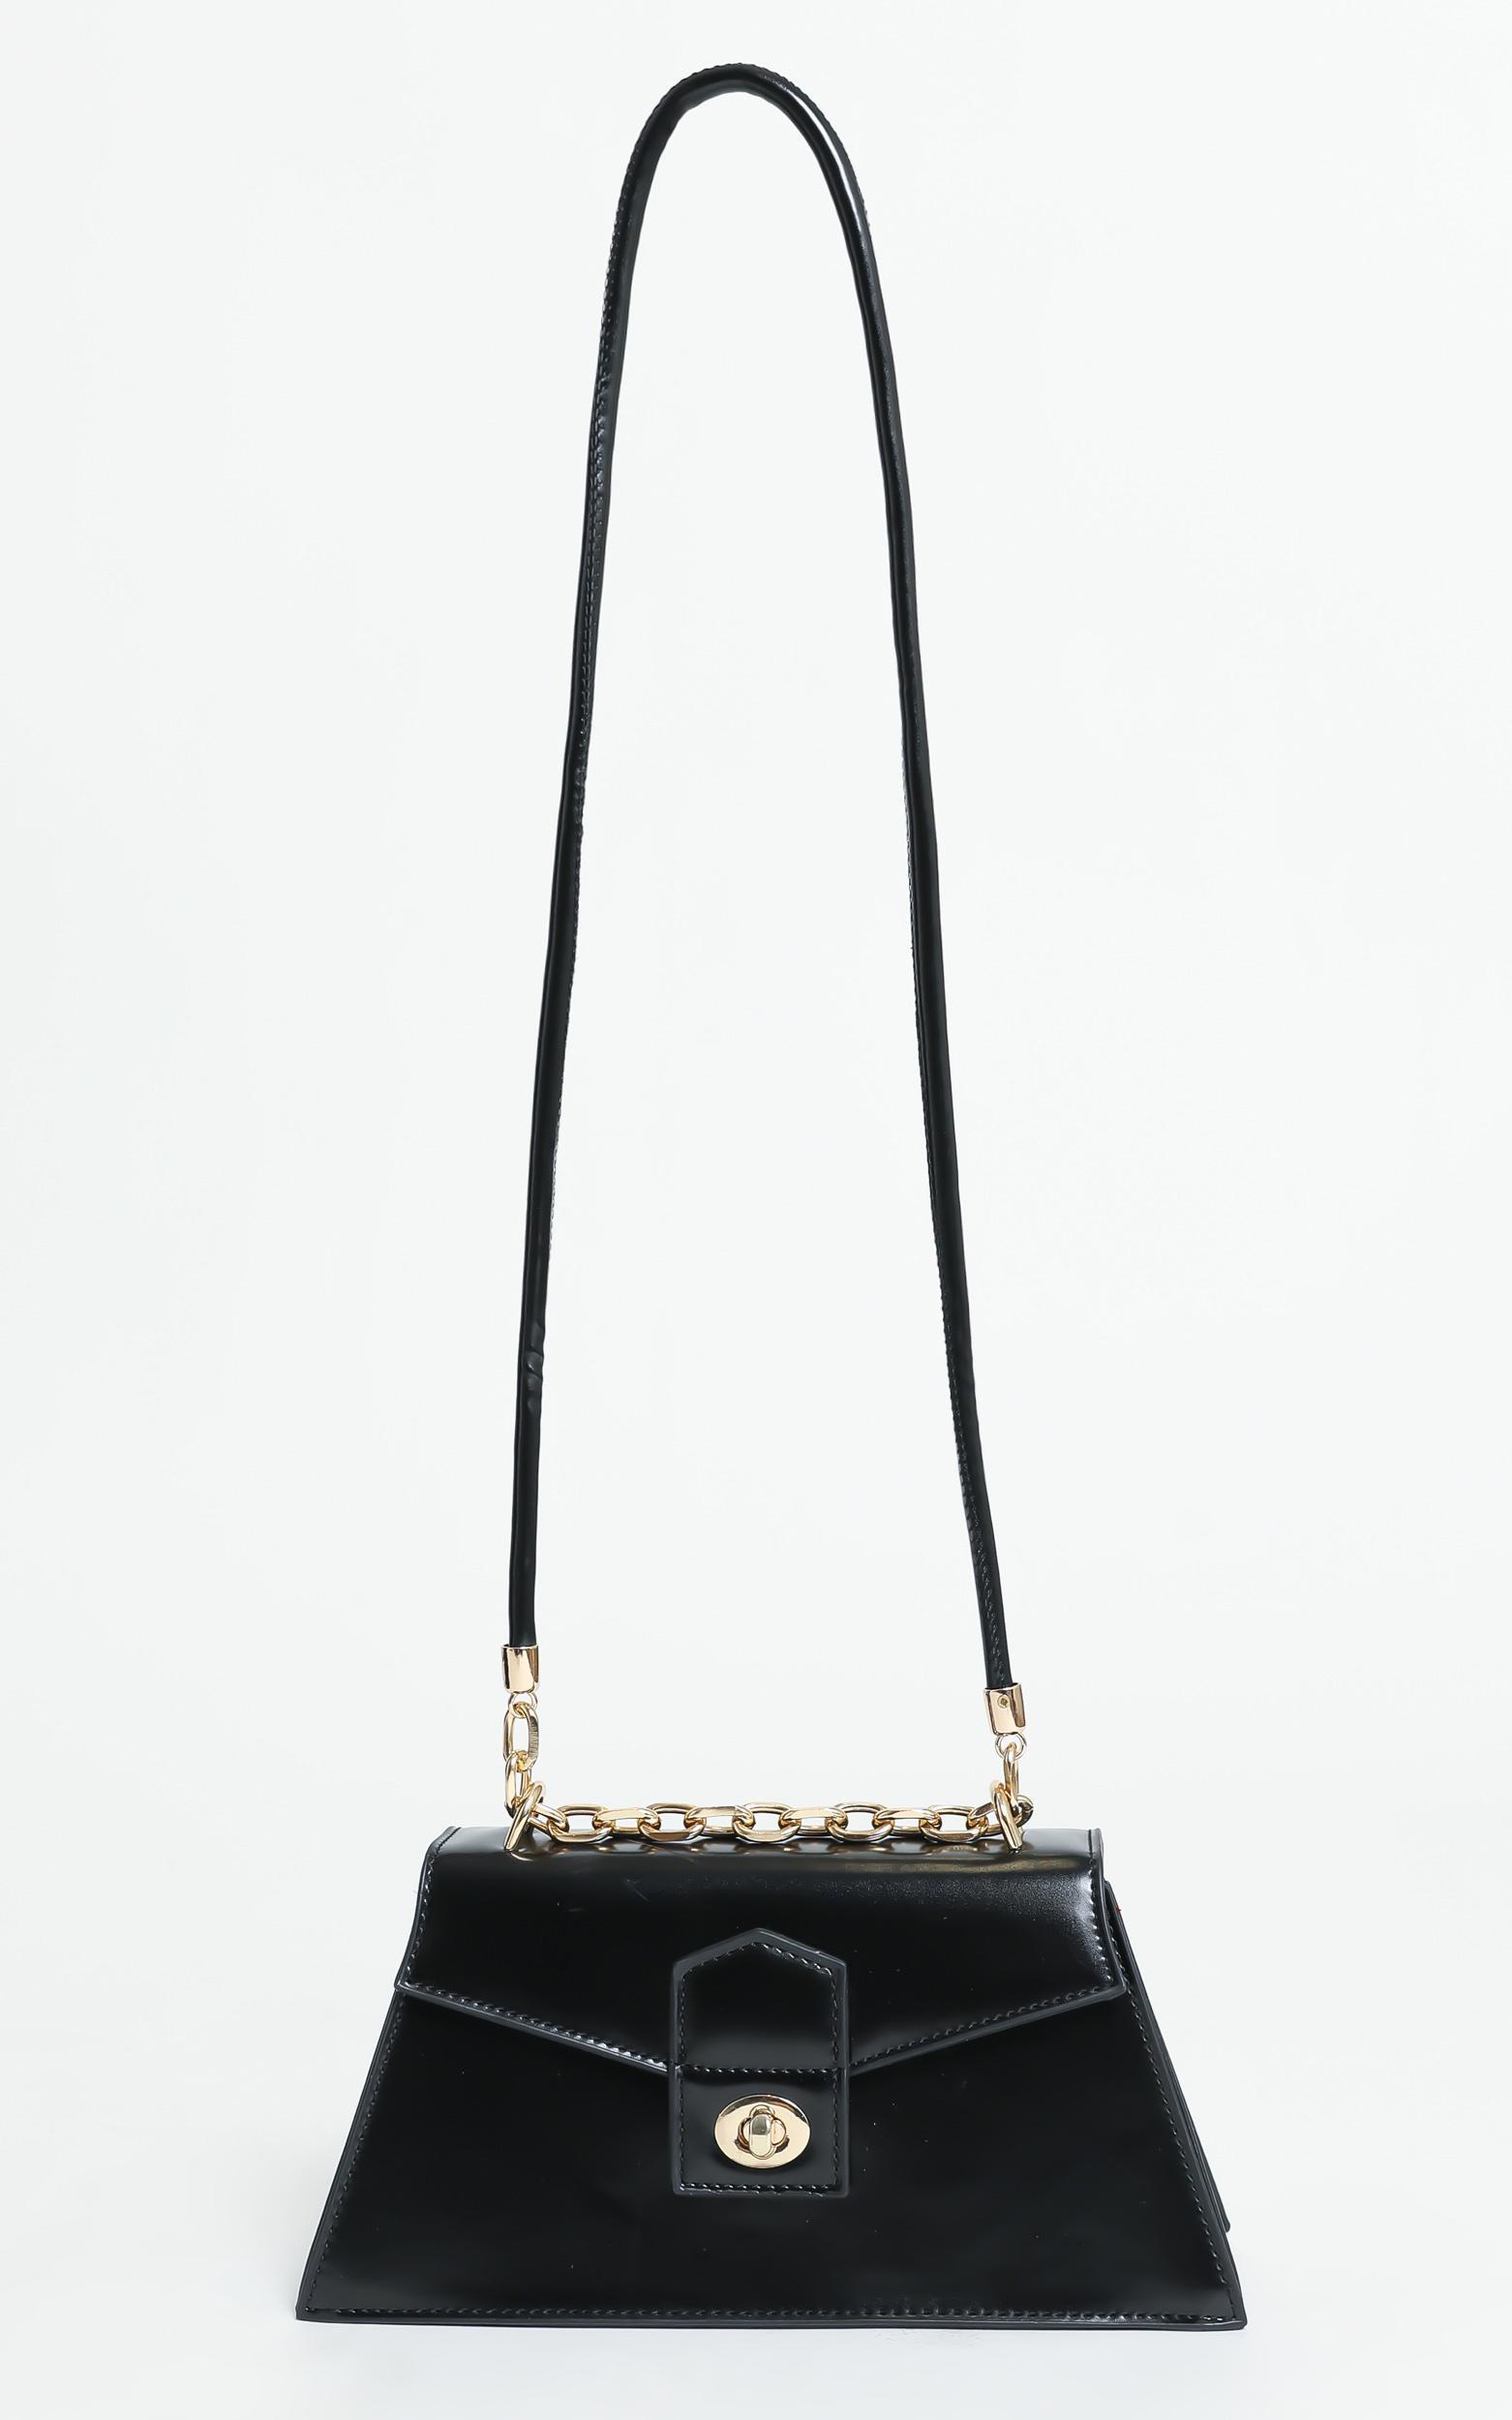 Allegra Bag in Black, , hi-res image number null